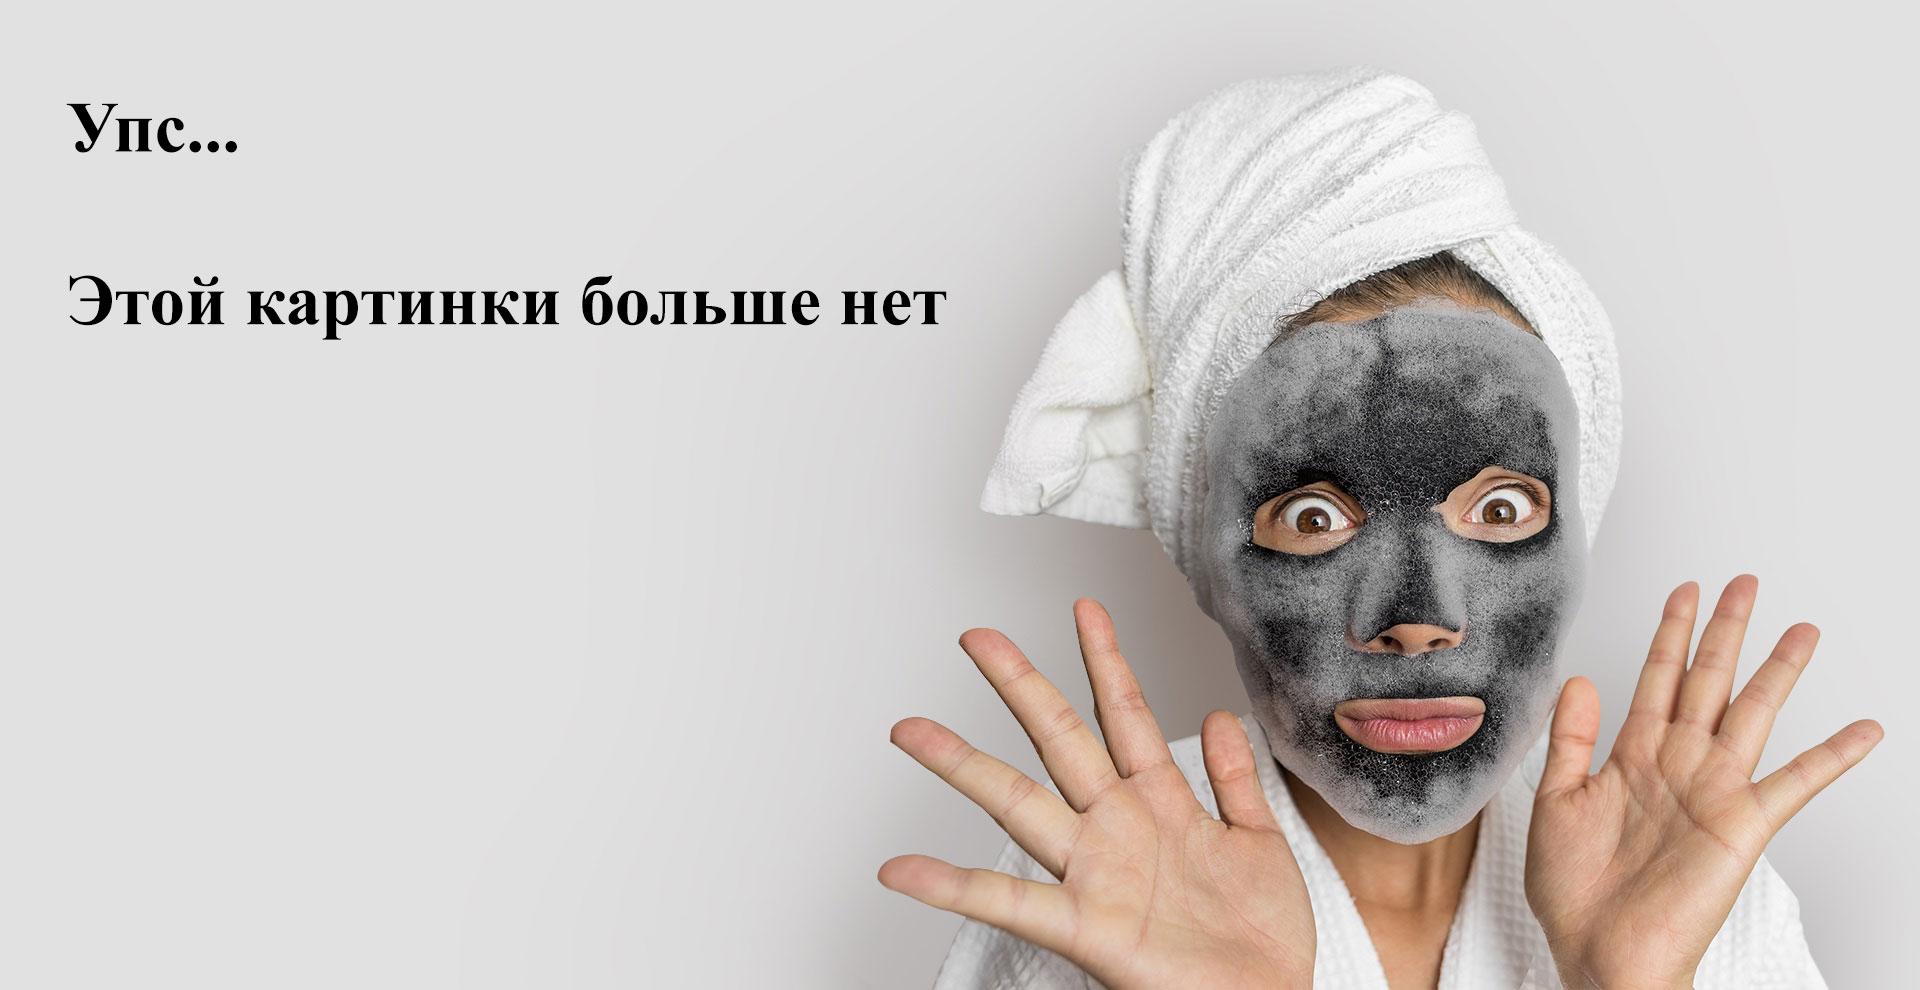 DR.GLODERM, Мыло-желе для сухой кожи, 90 г УЦЕНКА